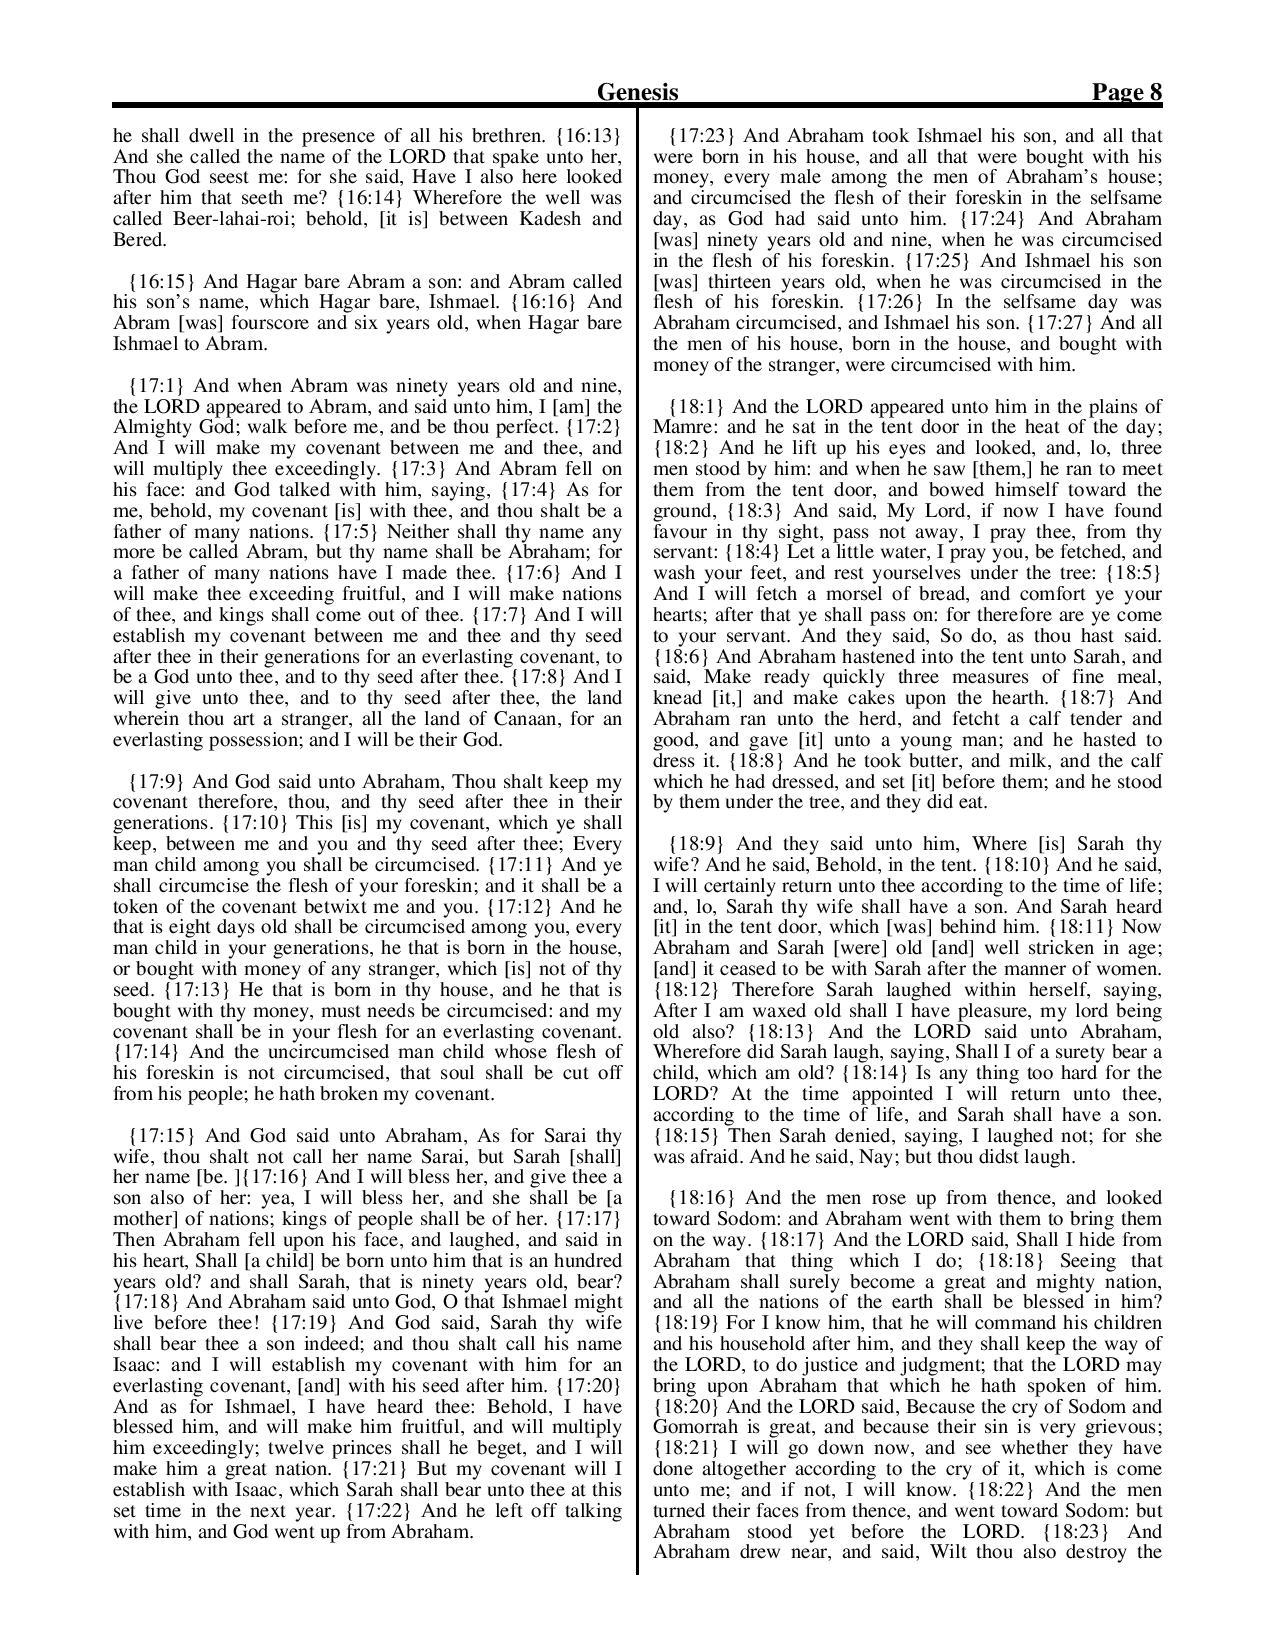 King-James-Bible-KJV-Bible-PDF-page-029